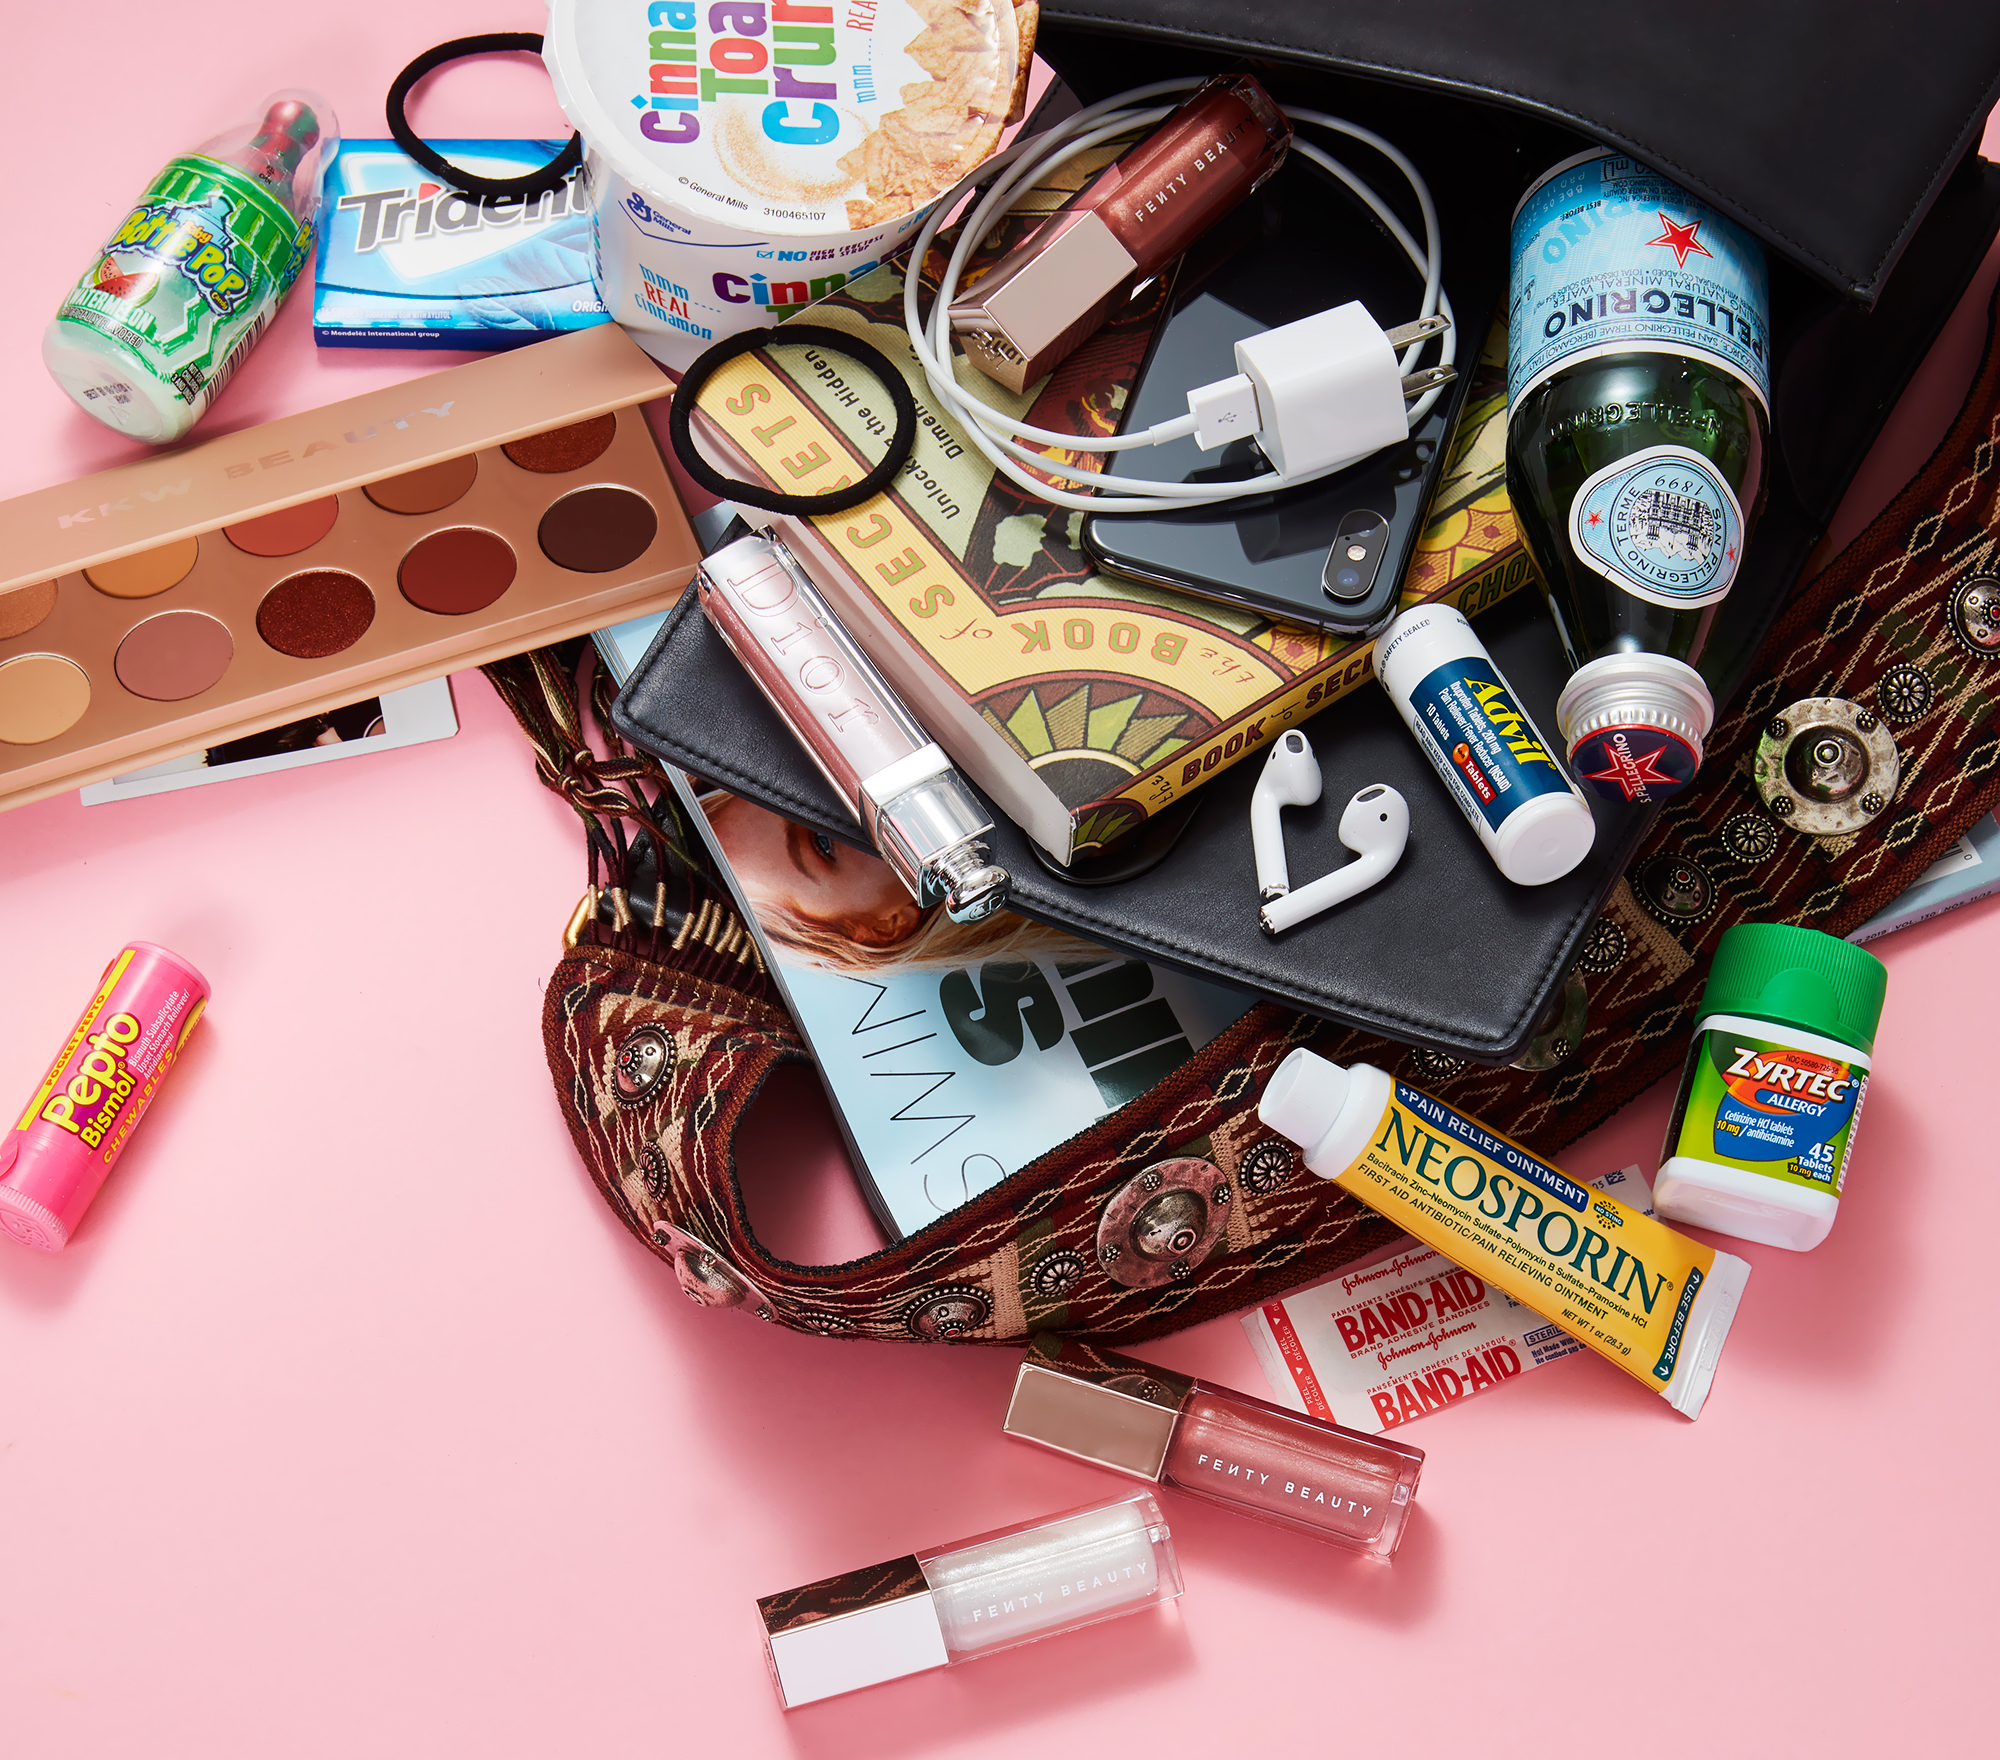 Winnie Harlow's bag